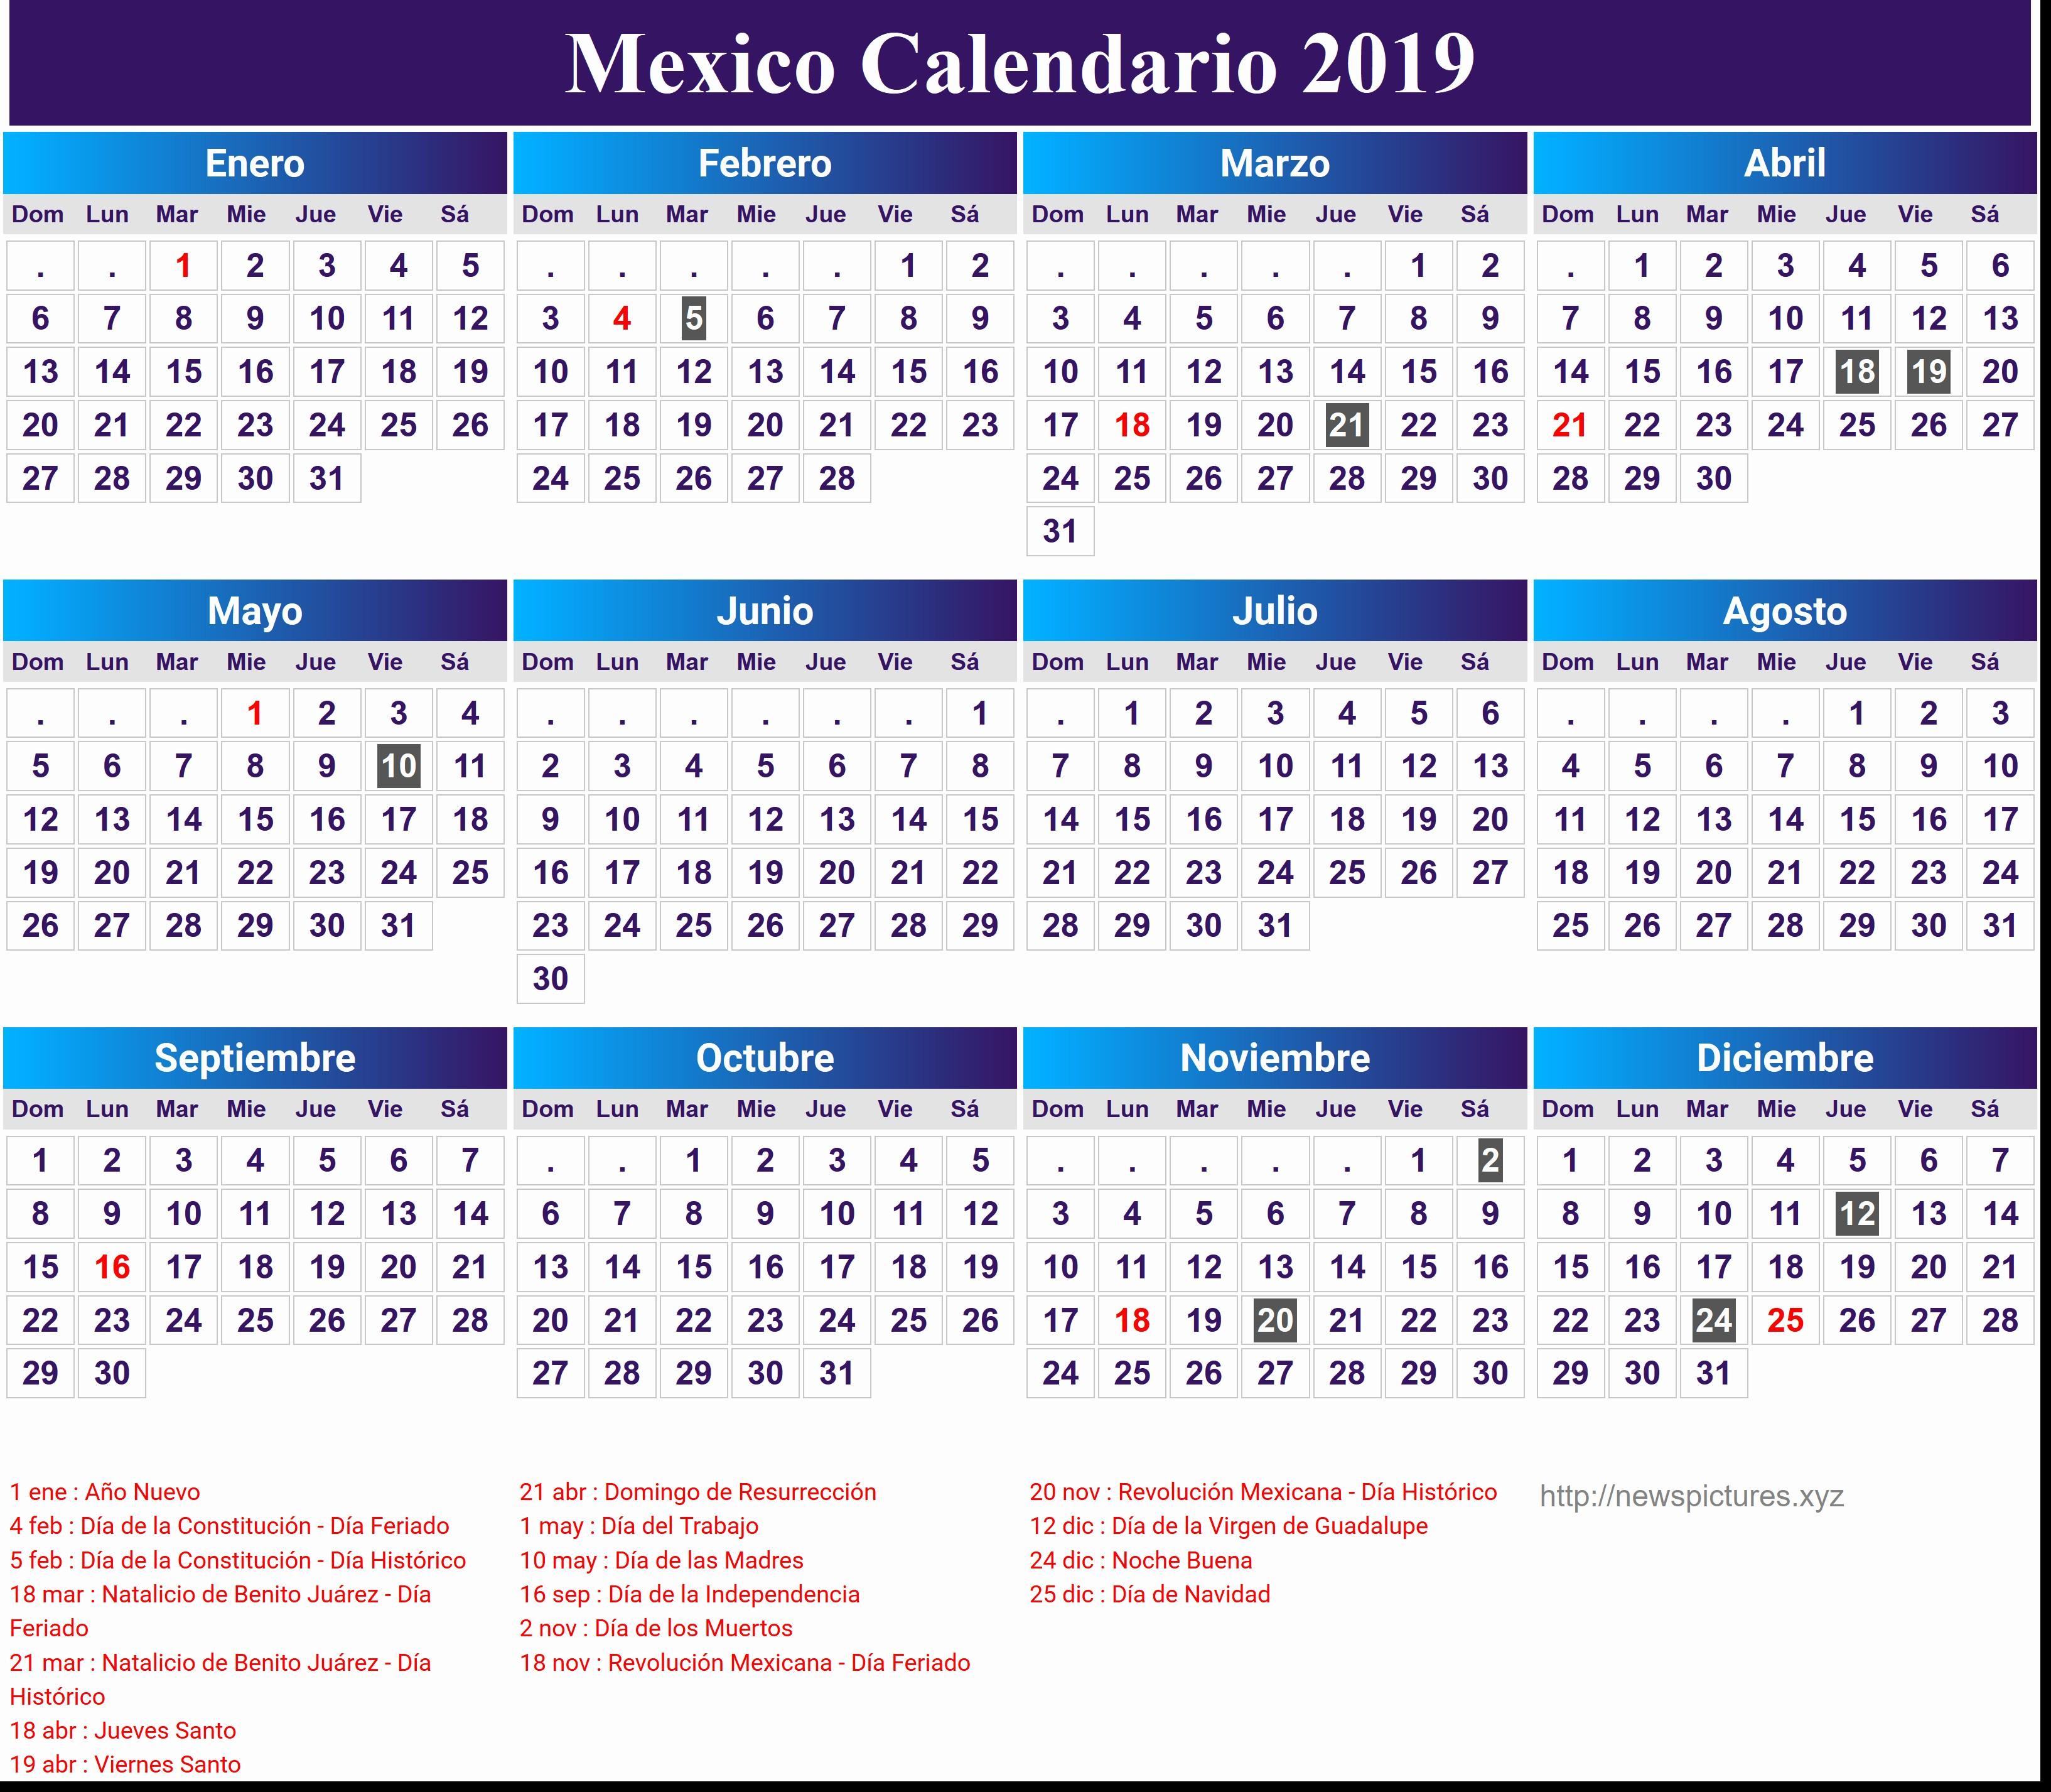 Calendario De Dividendos Telefonica 2019 Mexico Calendario 2019 Newspictures Xyz